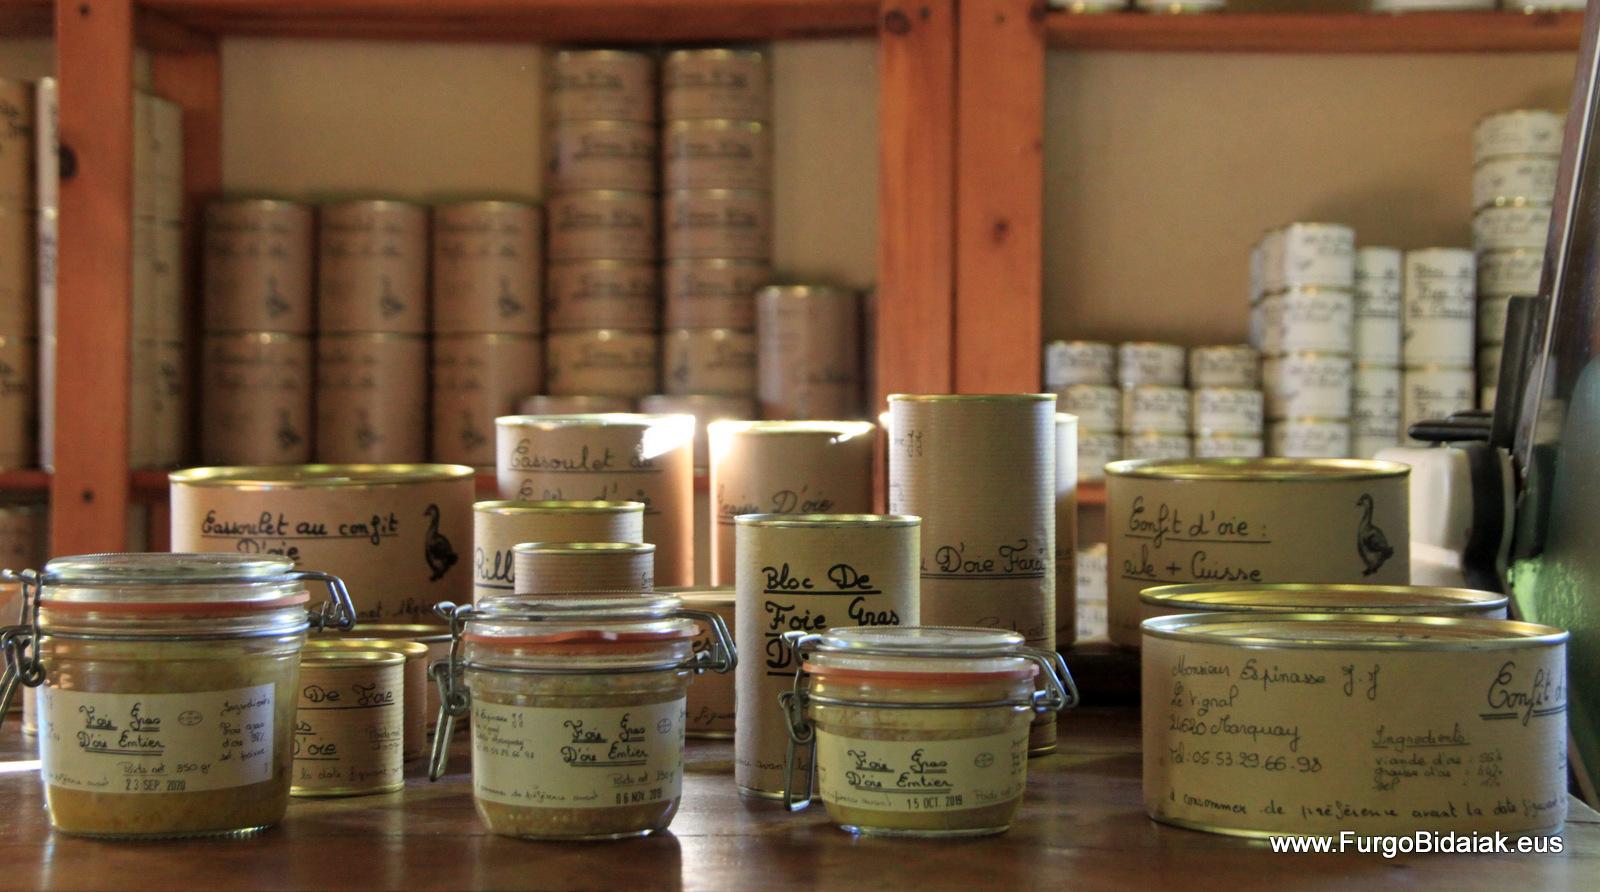 Produits d' oie Ferme du Vignal Dordogne